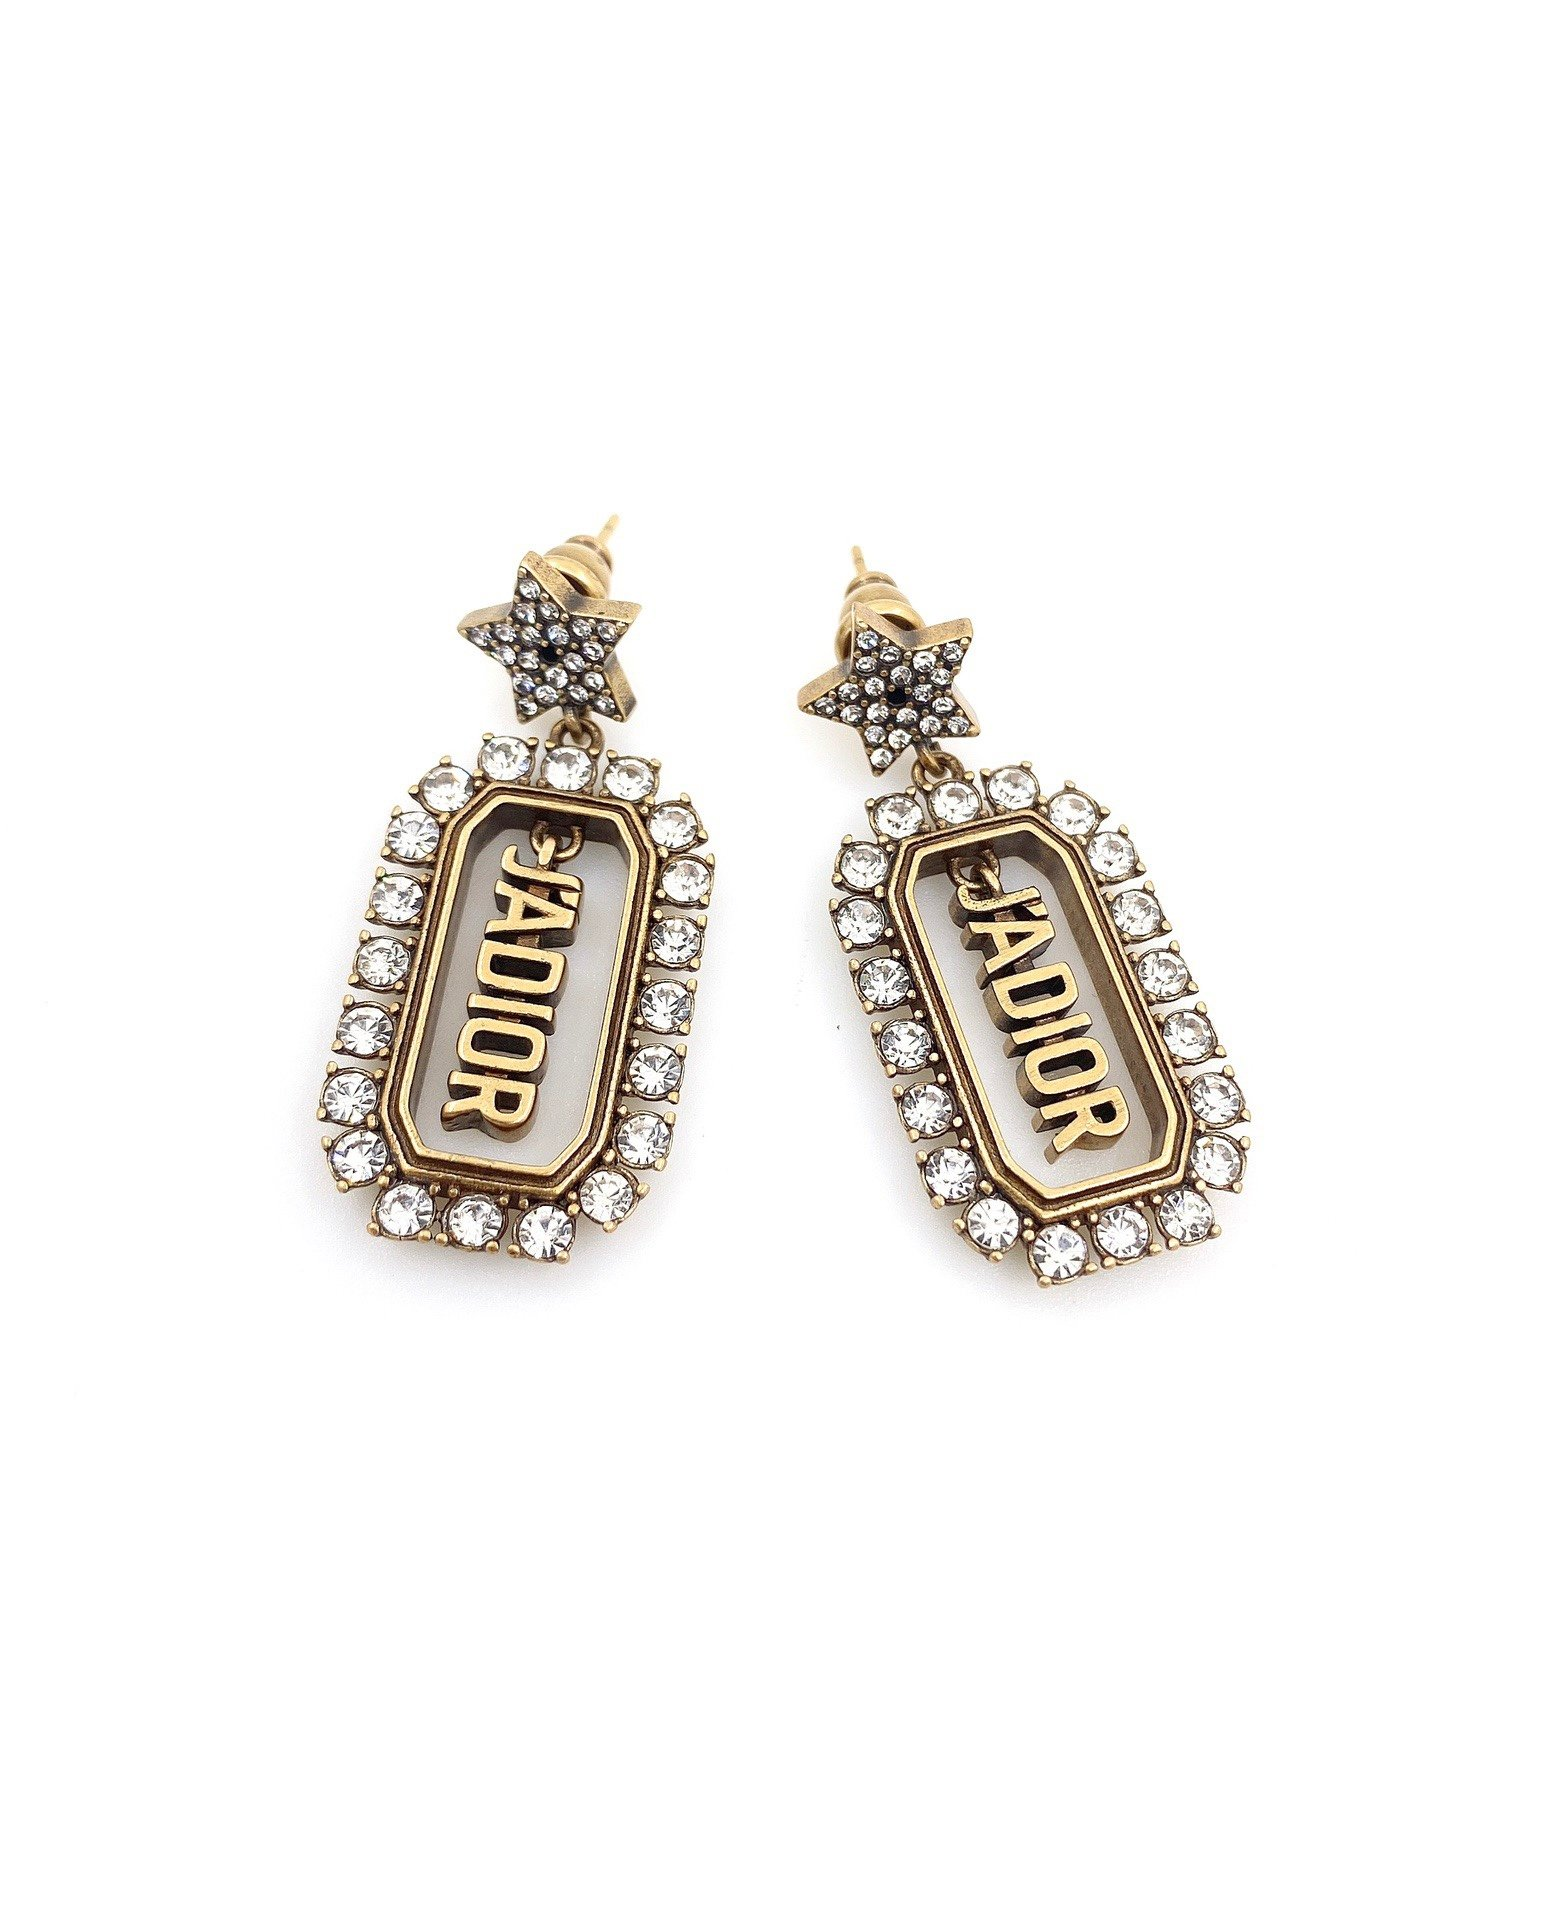 Dior新款星星字母耳环一致黄铜材质